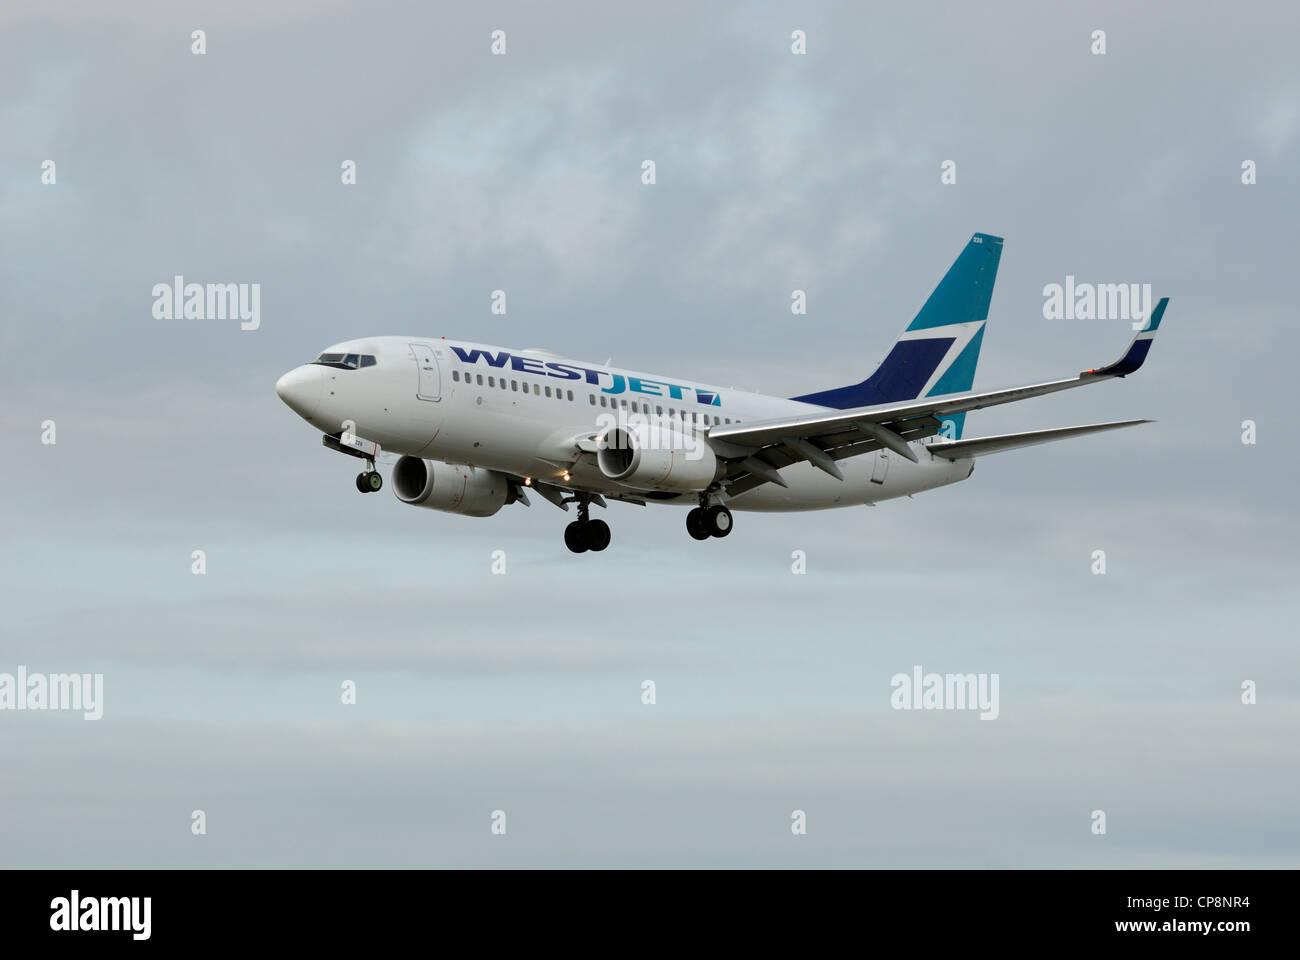 Westjet C-GYWJ Boeing 737-7CT on final approach. - Stock Image